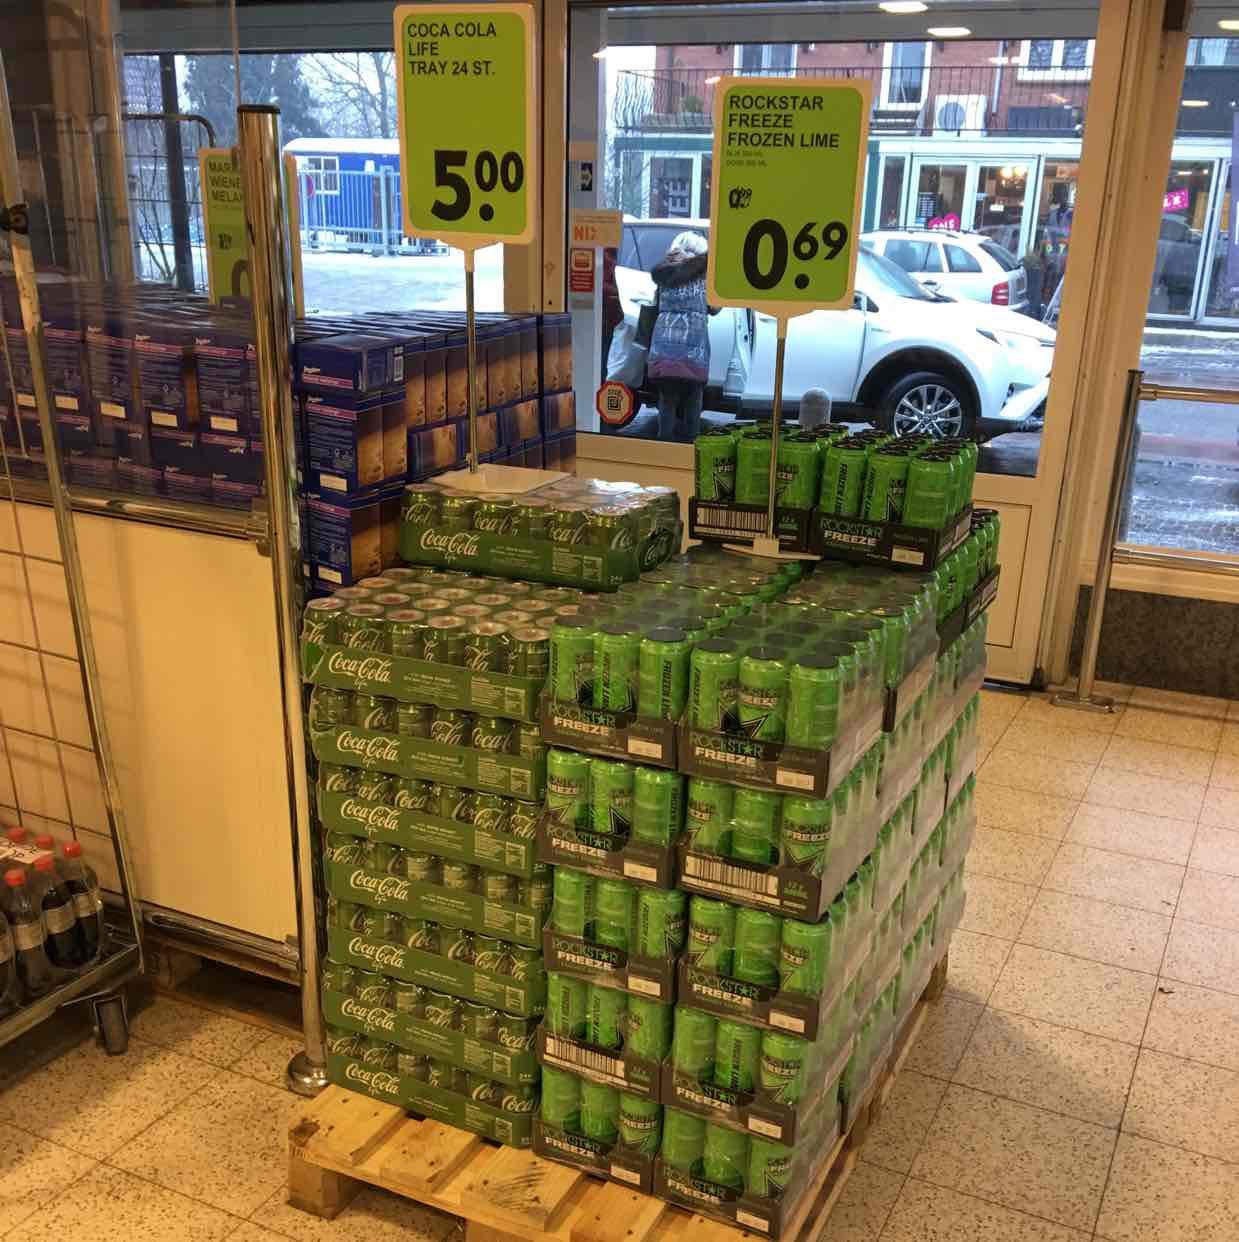 Coca Cola Life 24 Dosen bei H&P Siebengewald NL - Grenze Kleve/Goch